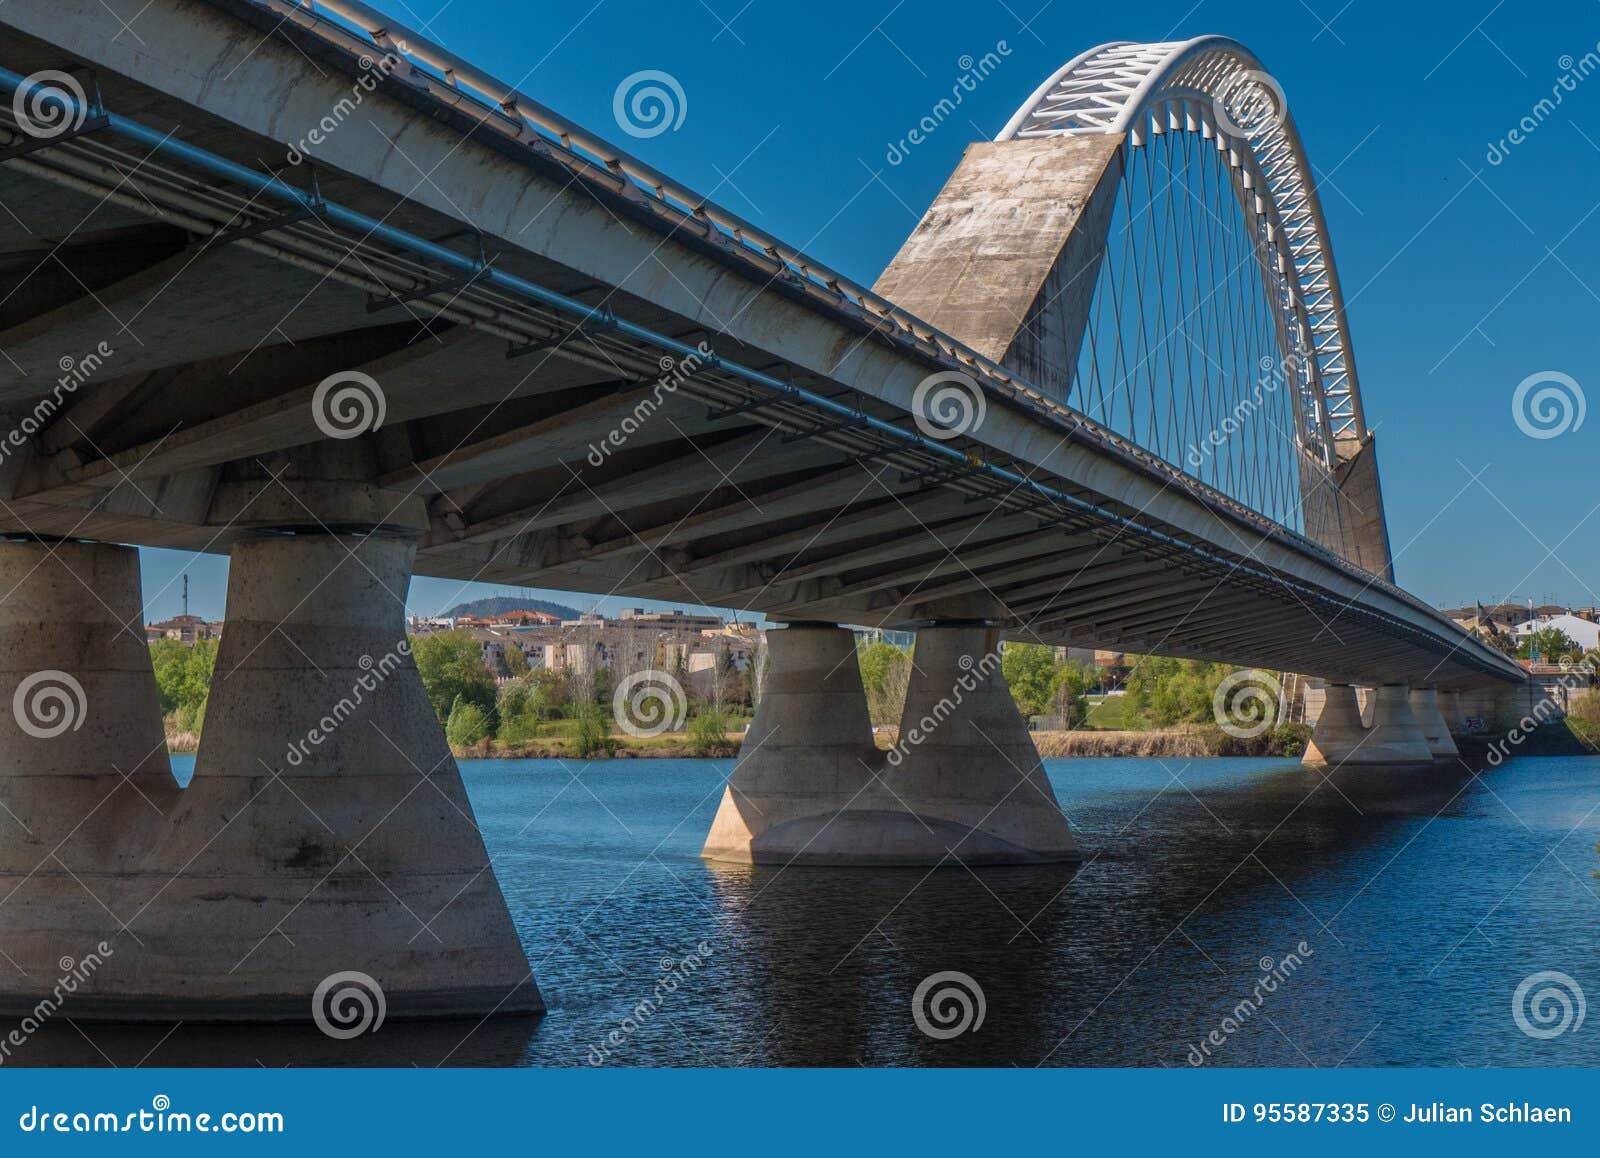 Una opinión agradable sobre la perspectiva del puente de Lusitana